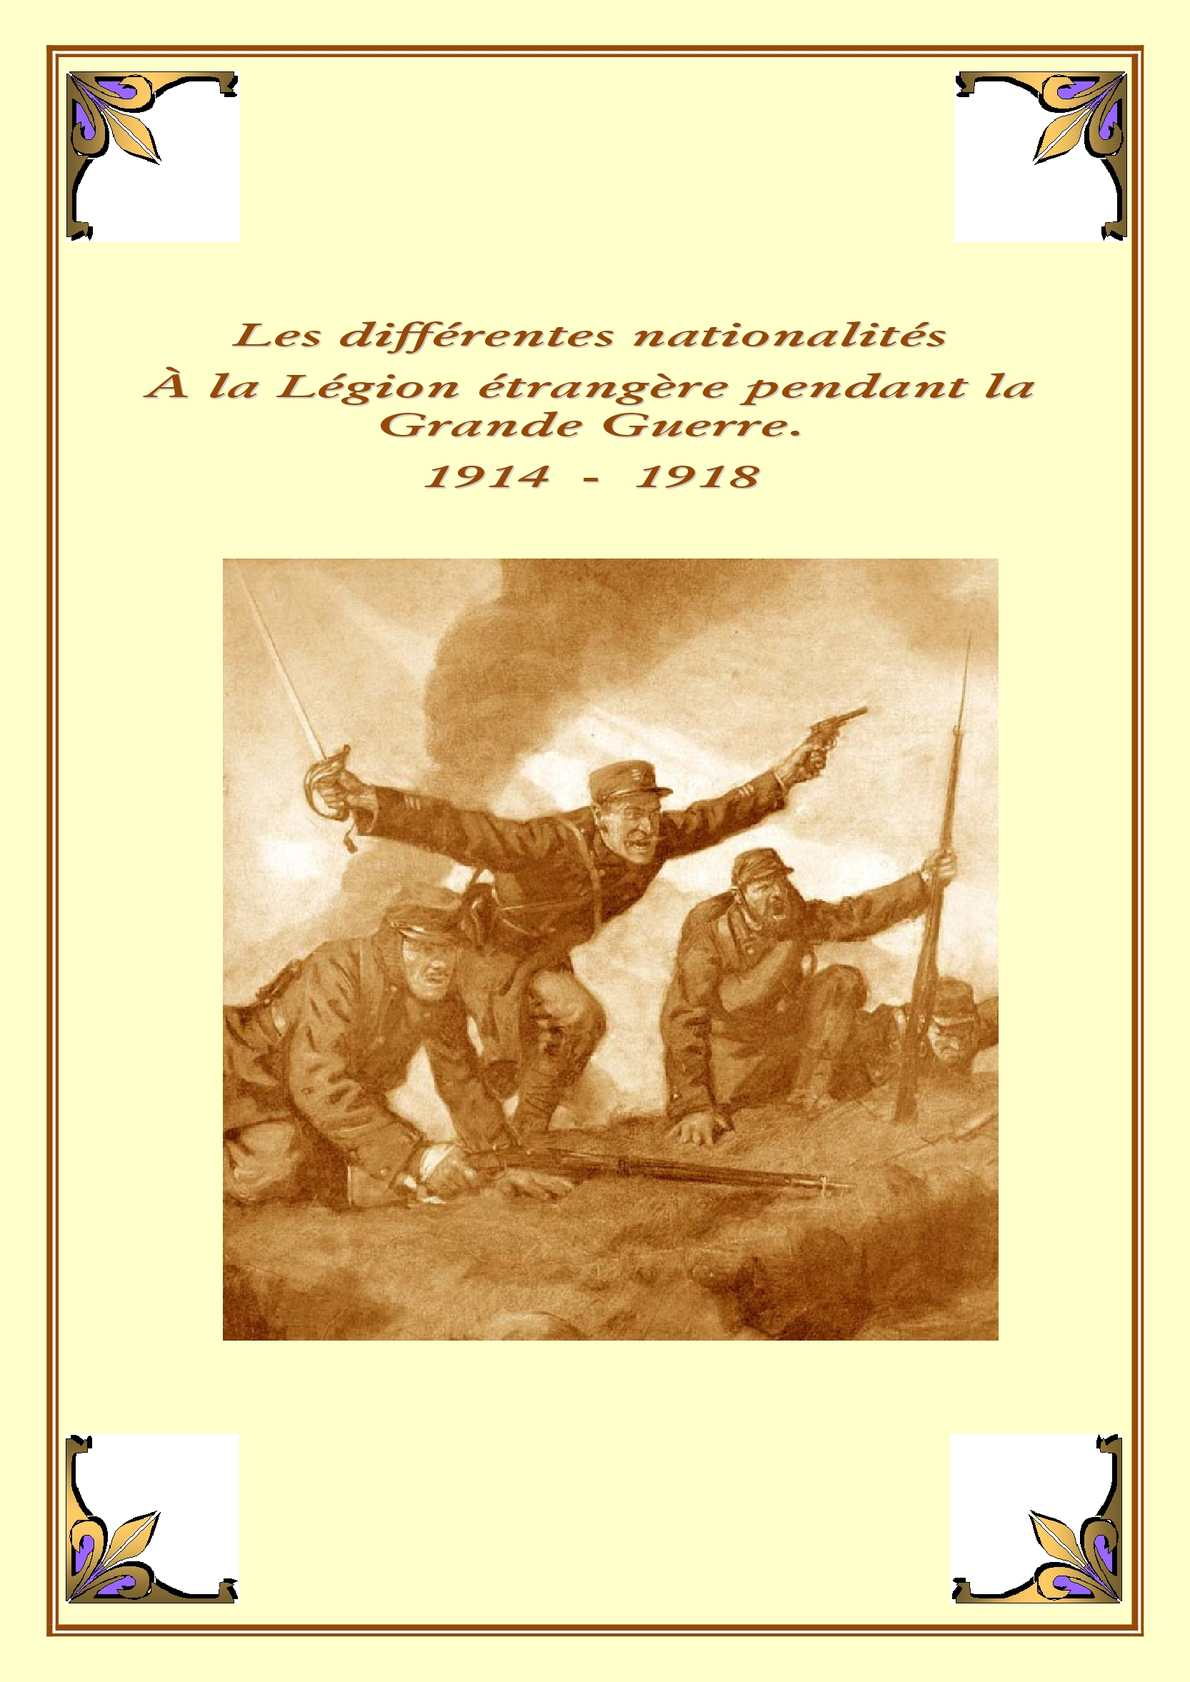 Les Différentes Nationalités au sein du RMLE. Grande guerre